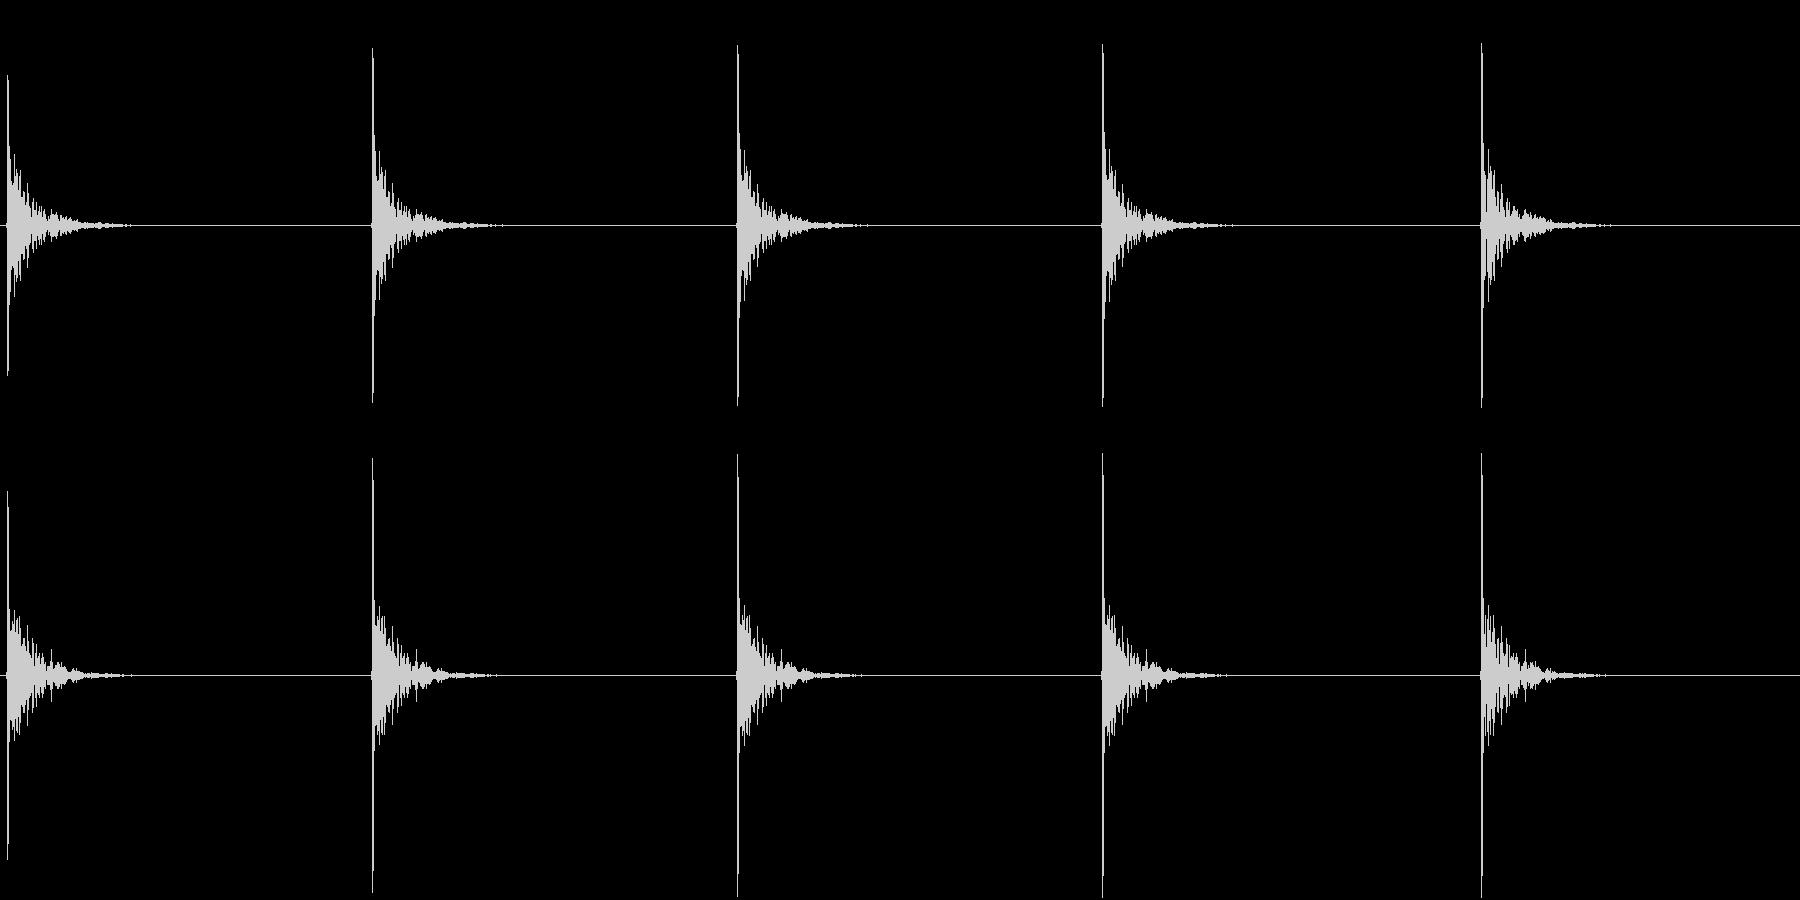 【生録音】包丁で切る音 トントン 3の未再生の波形